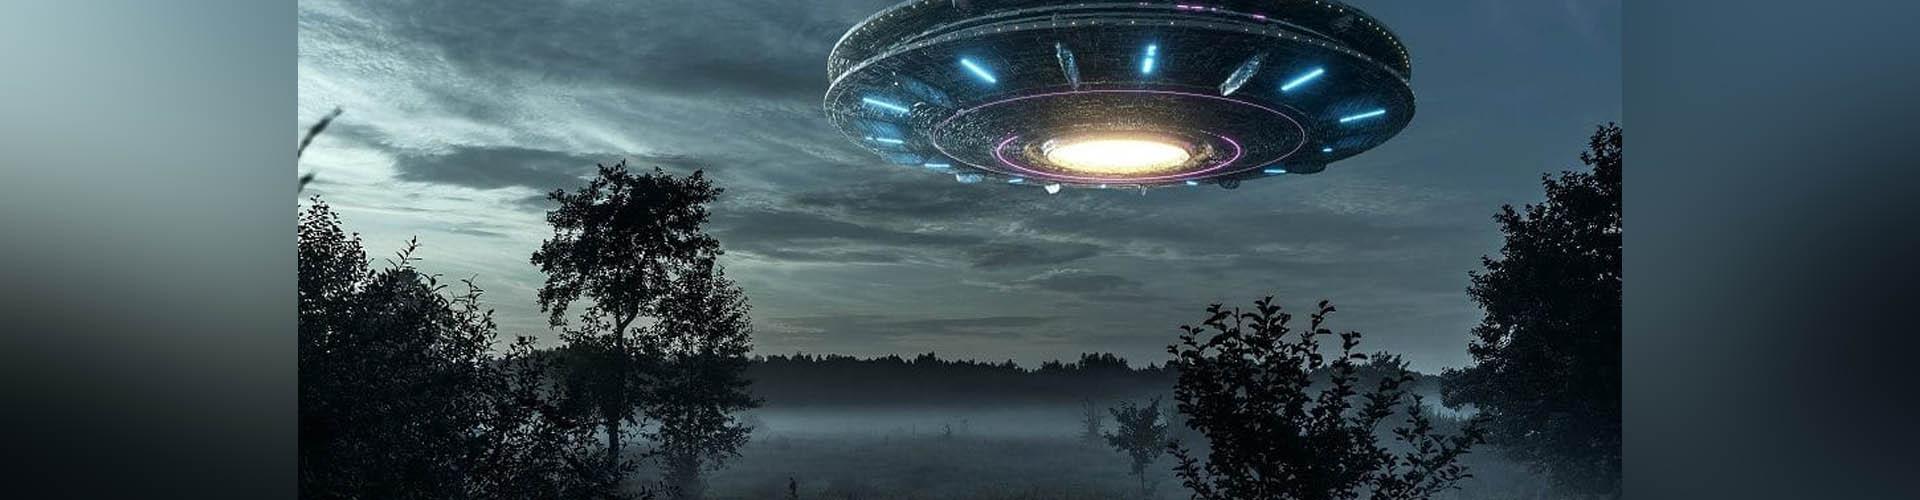 (VIDEO) Aparecen extraterrestres en un valle de Colombia